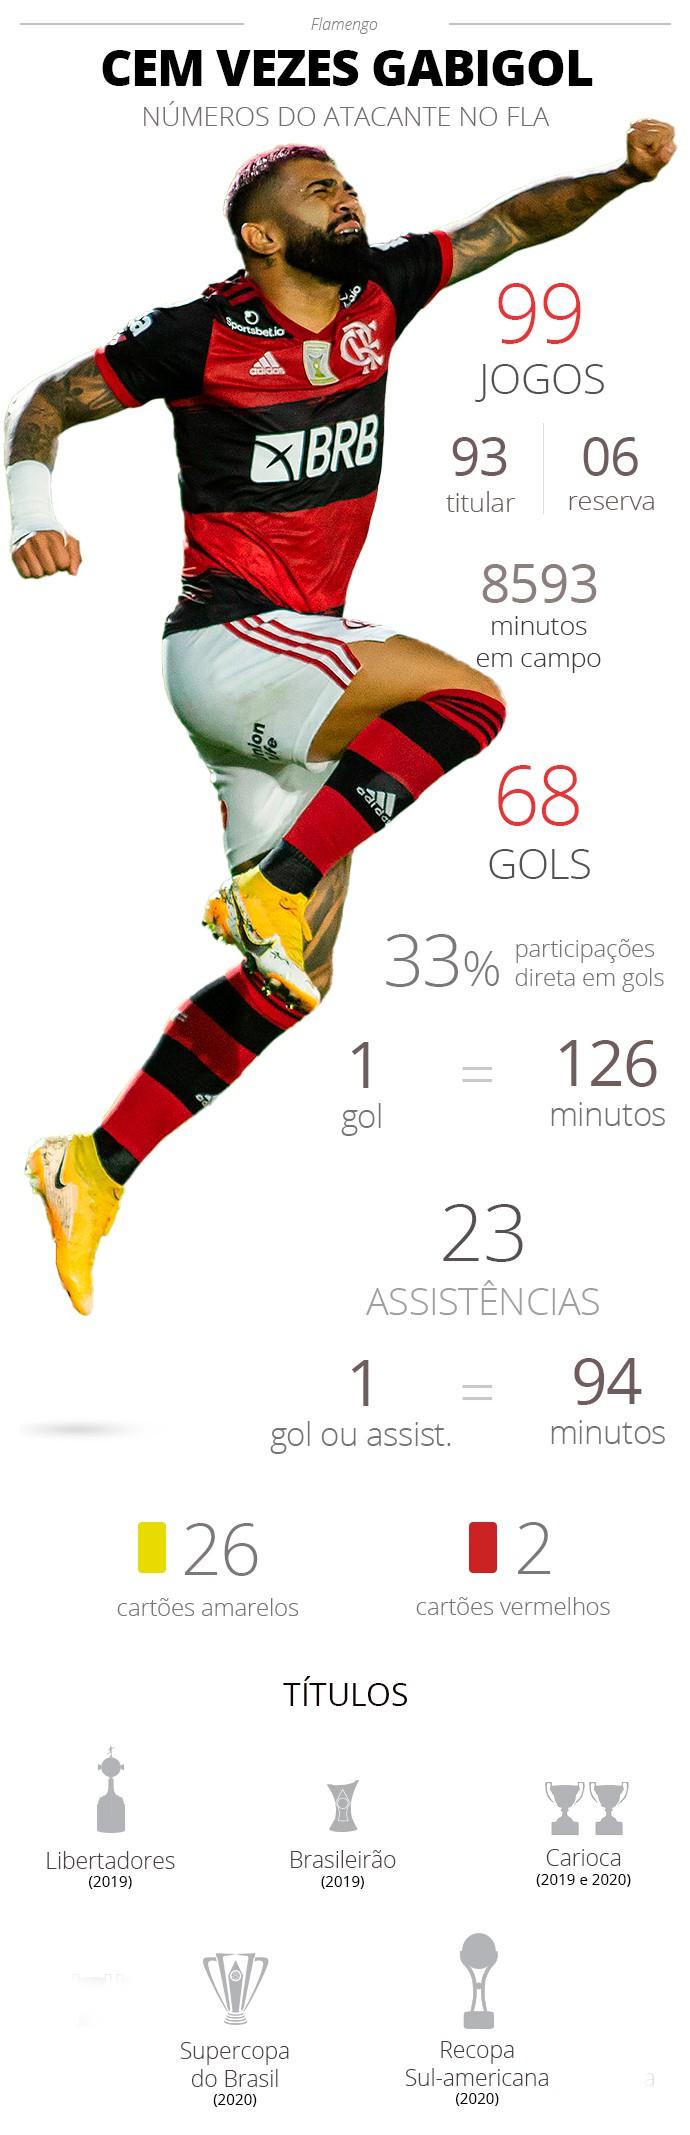 Os números de Gabigol no Flamengo - Espião Estatístico